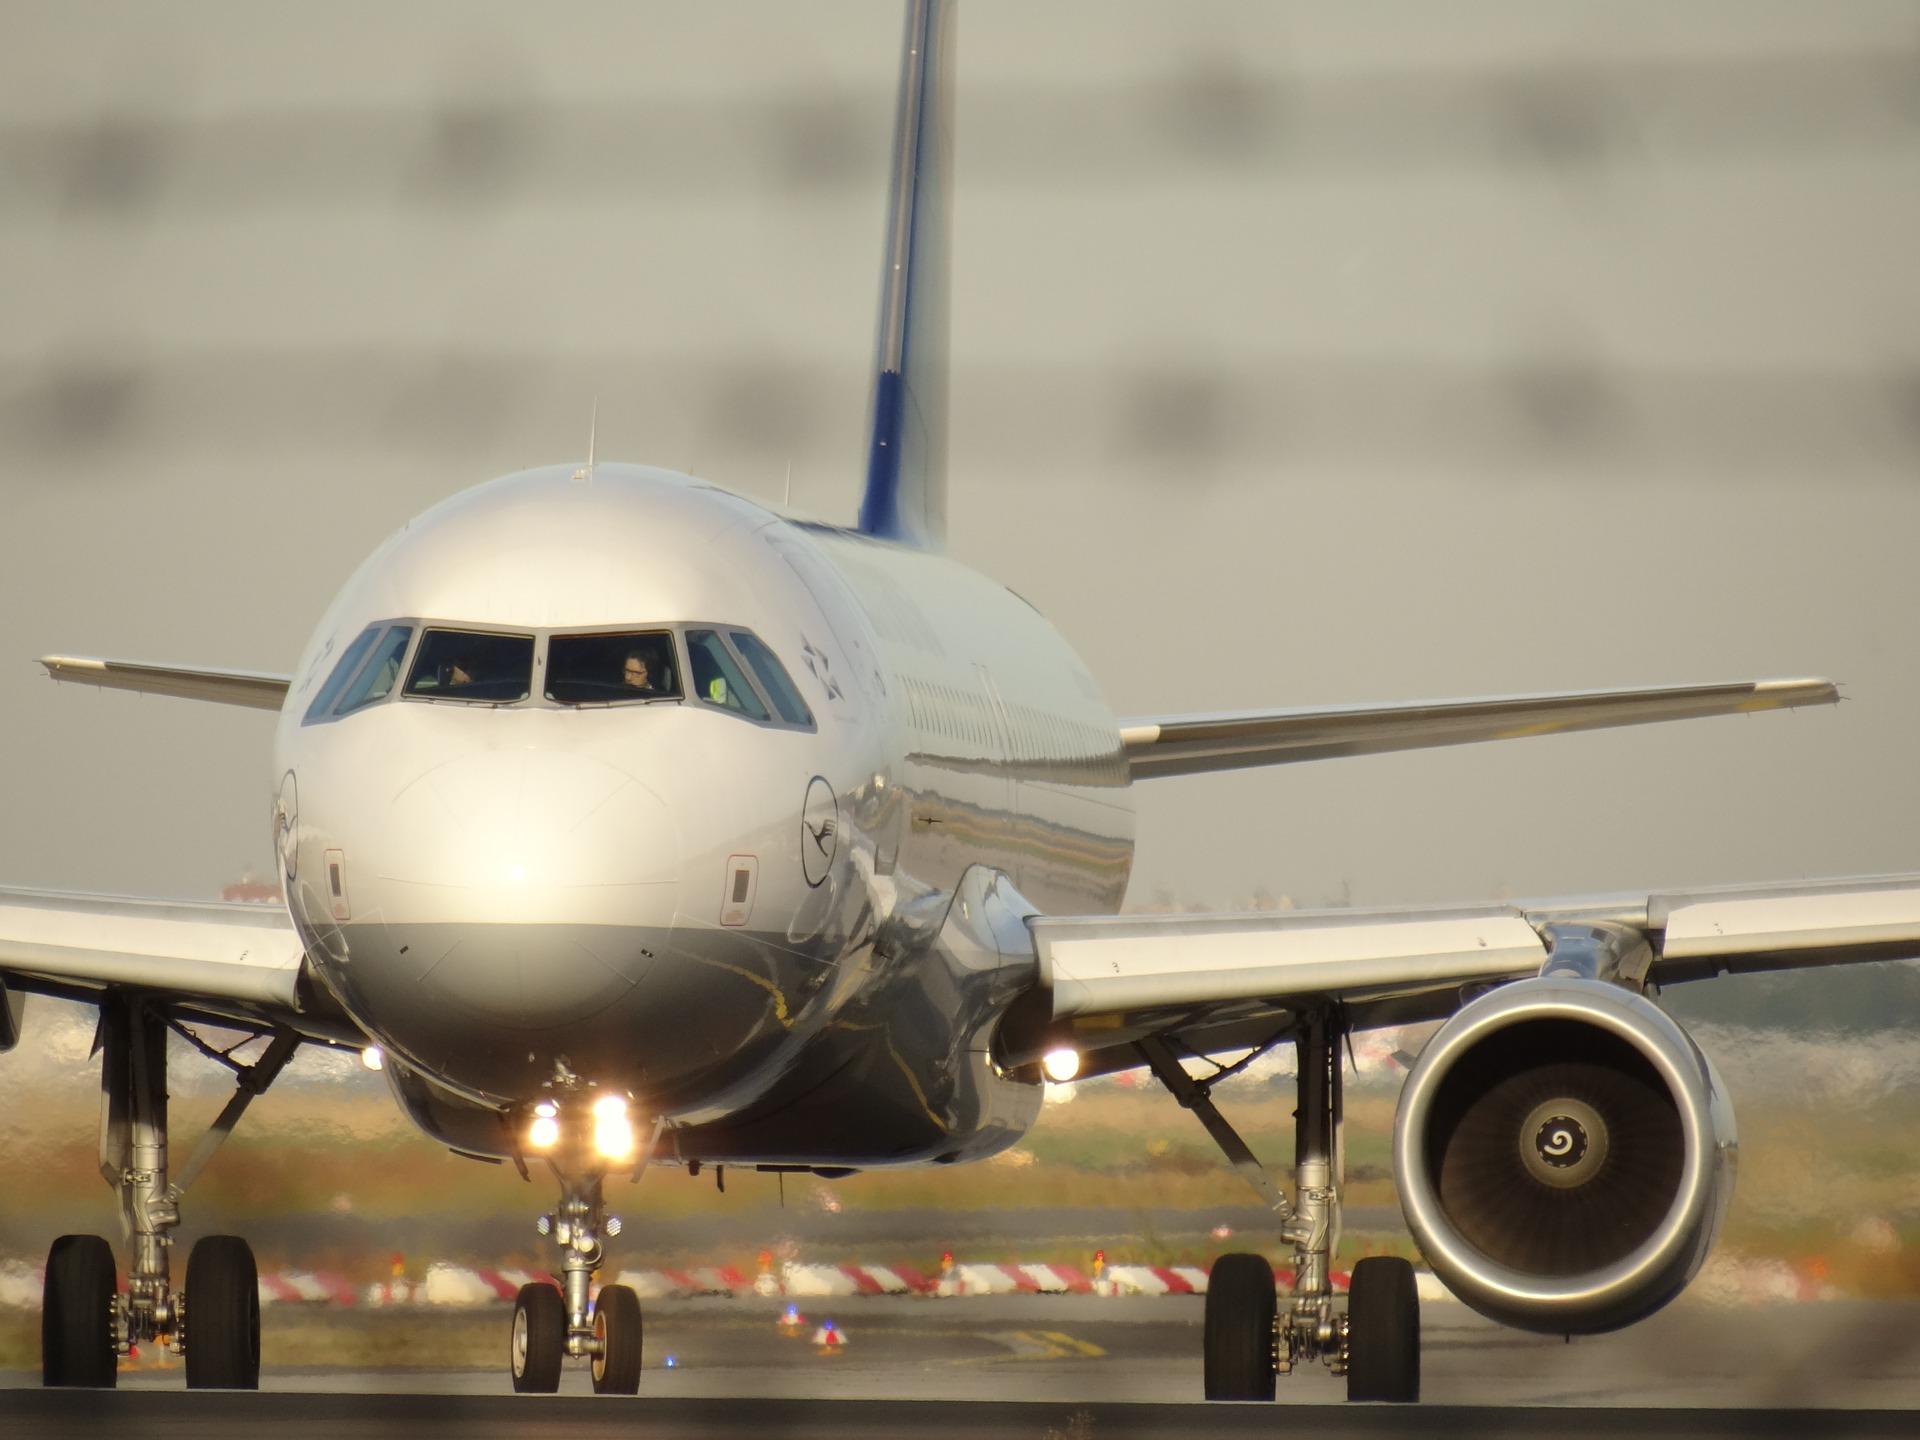 aircraft-1023968_1920.jpg